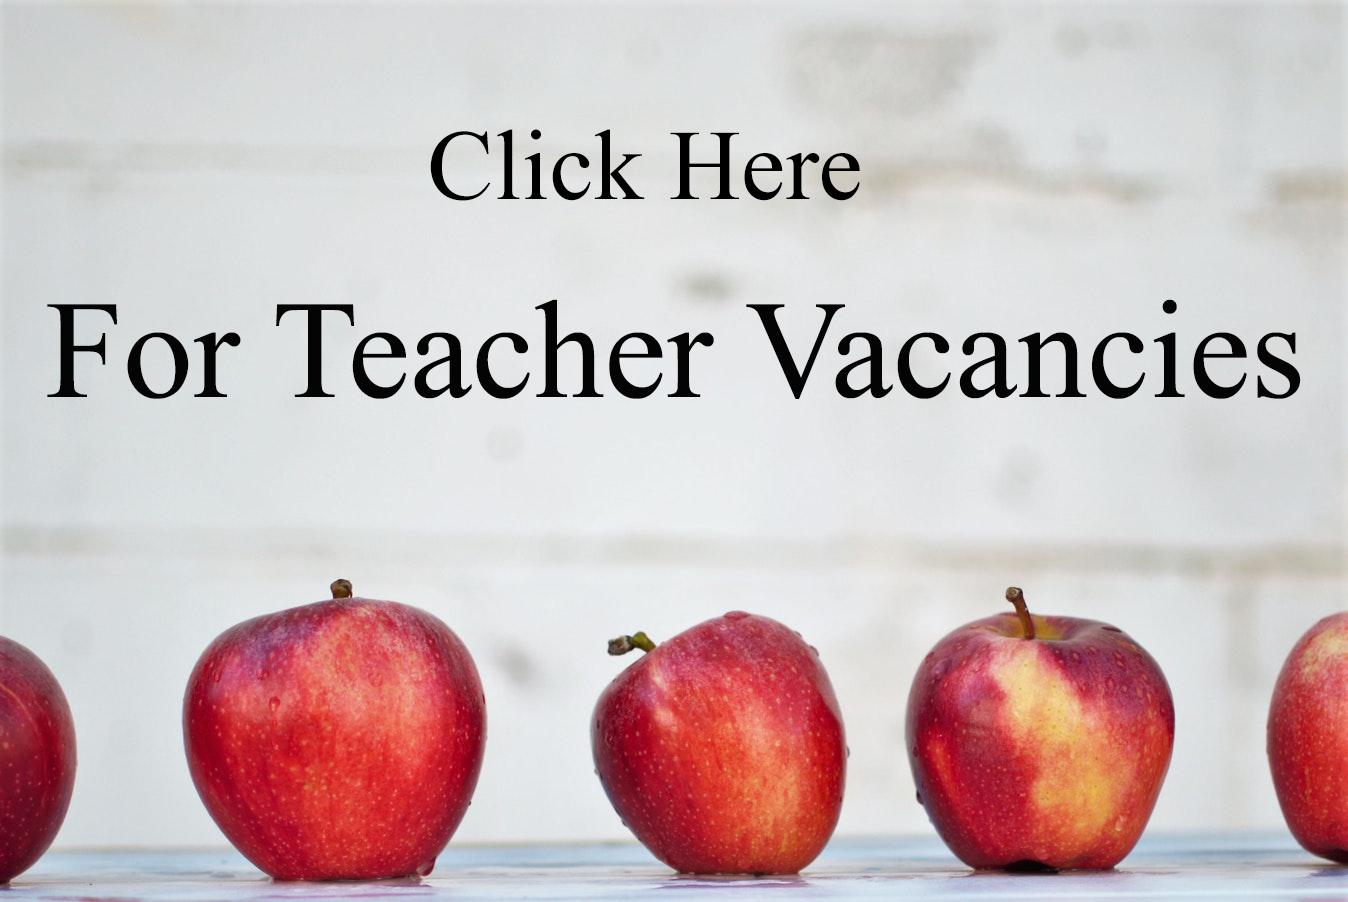 Teacher Vacancies